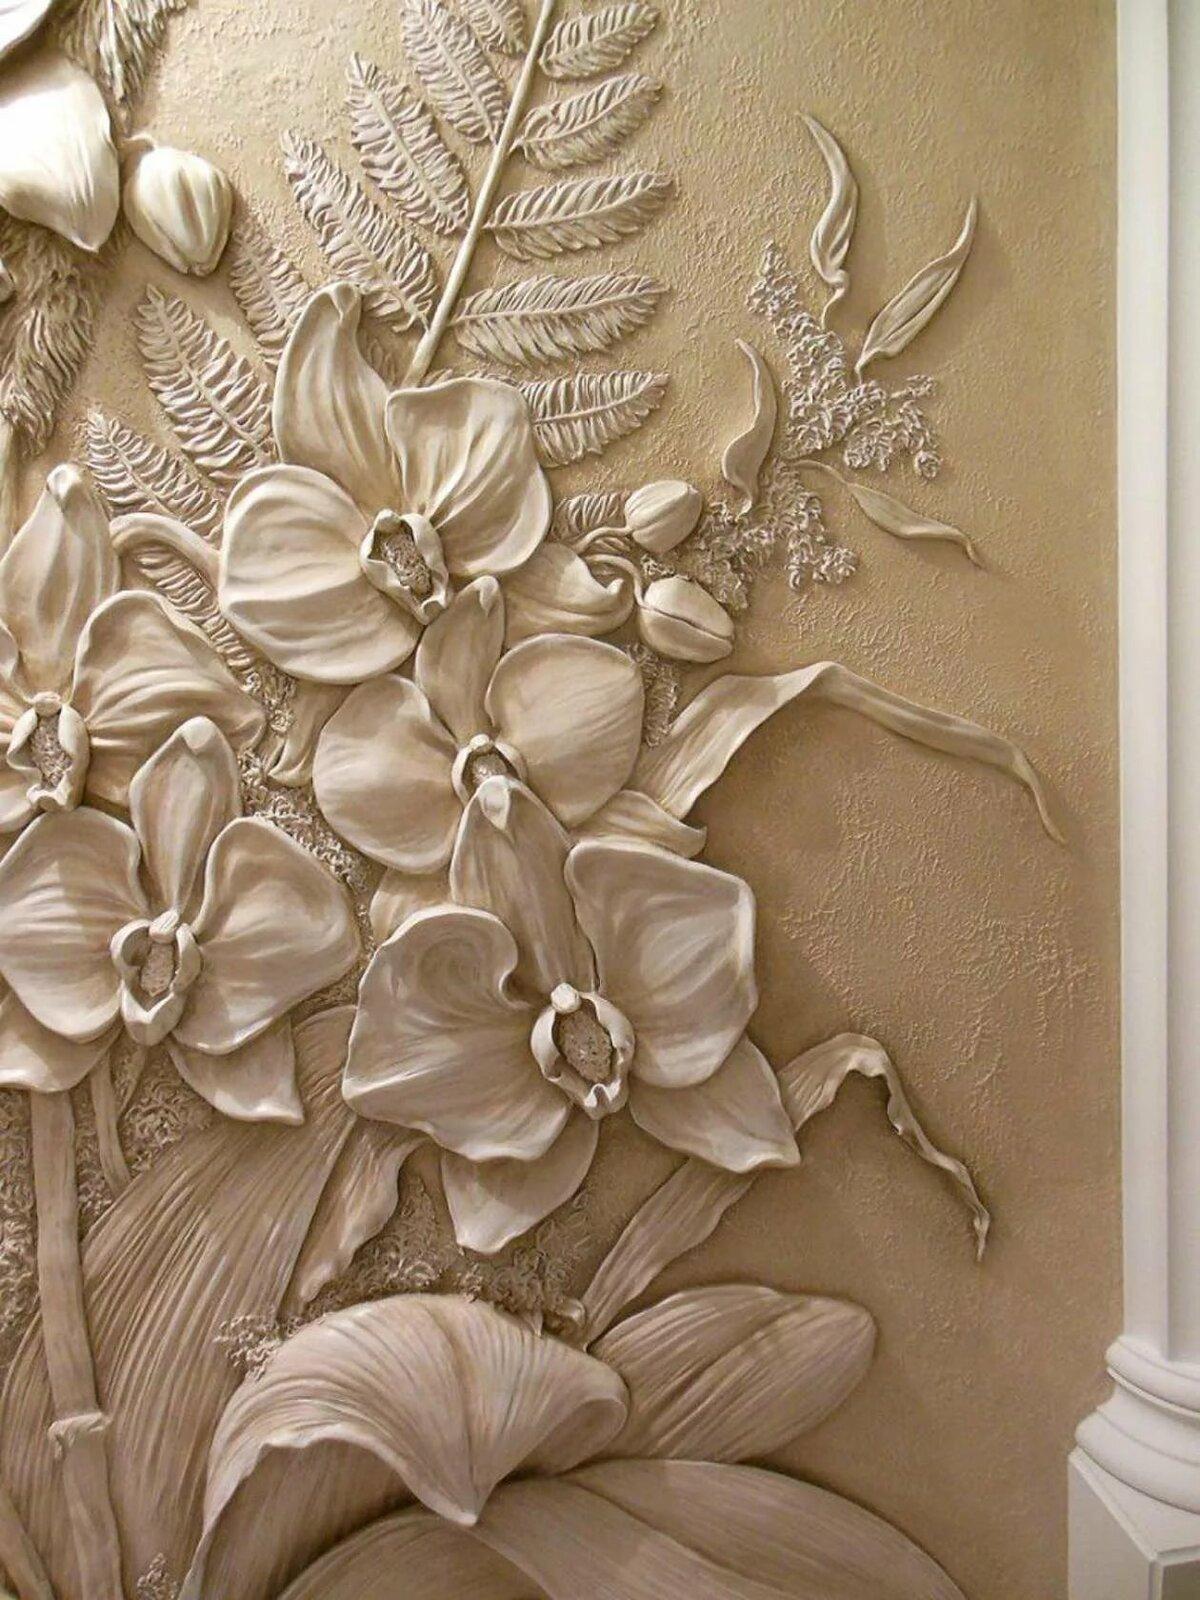 благодаря барельефы цветов на стене фото будем